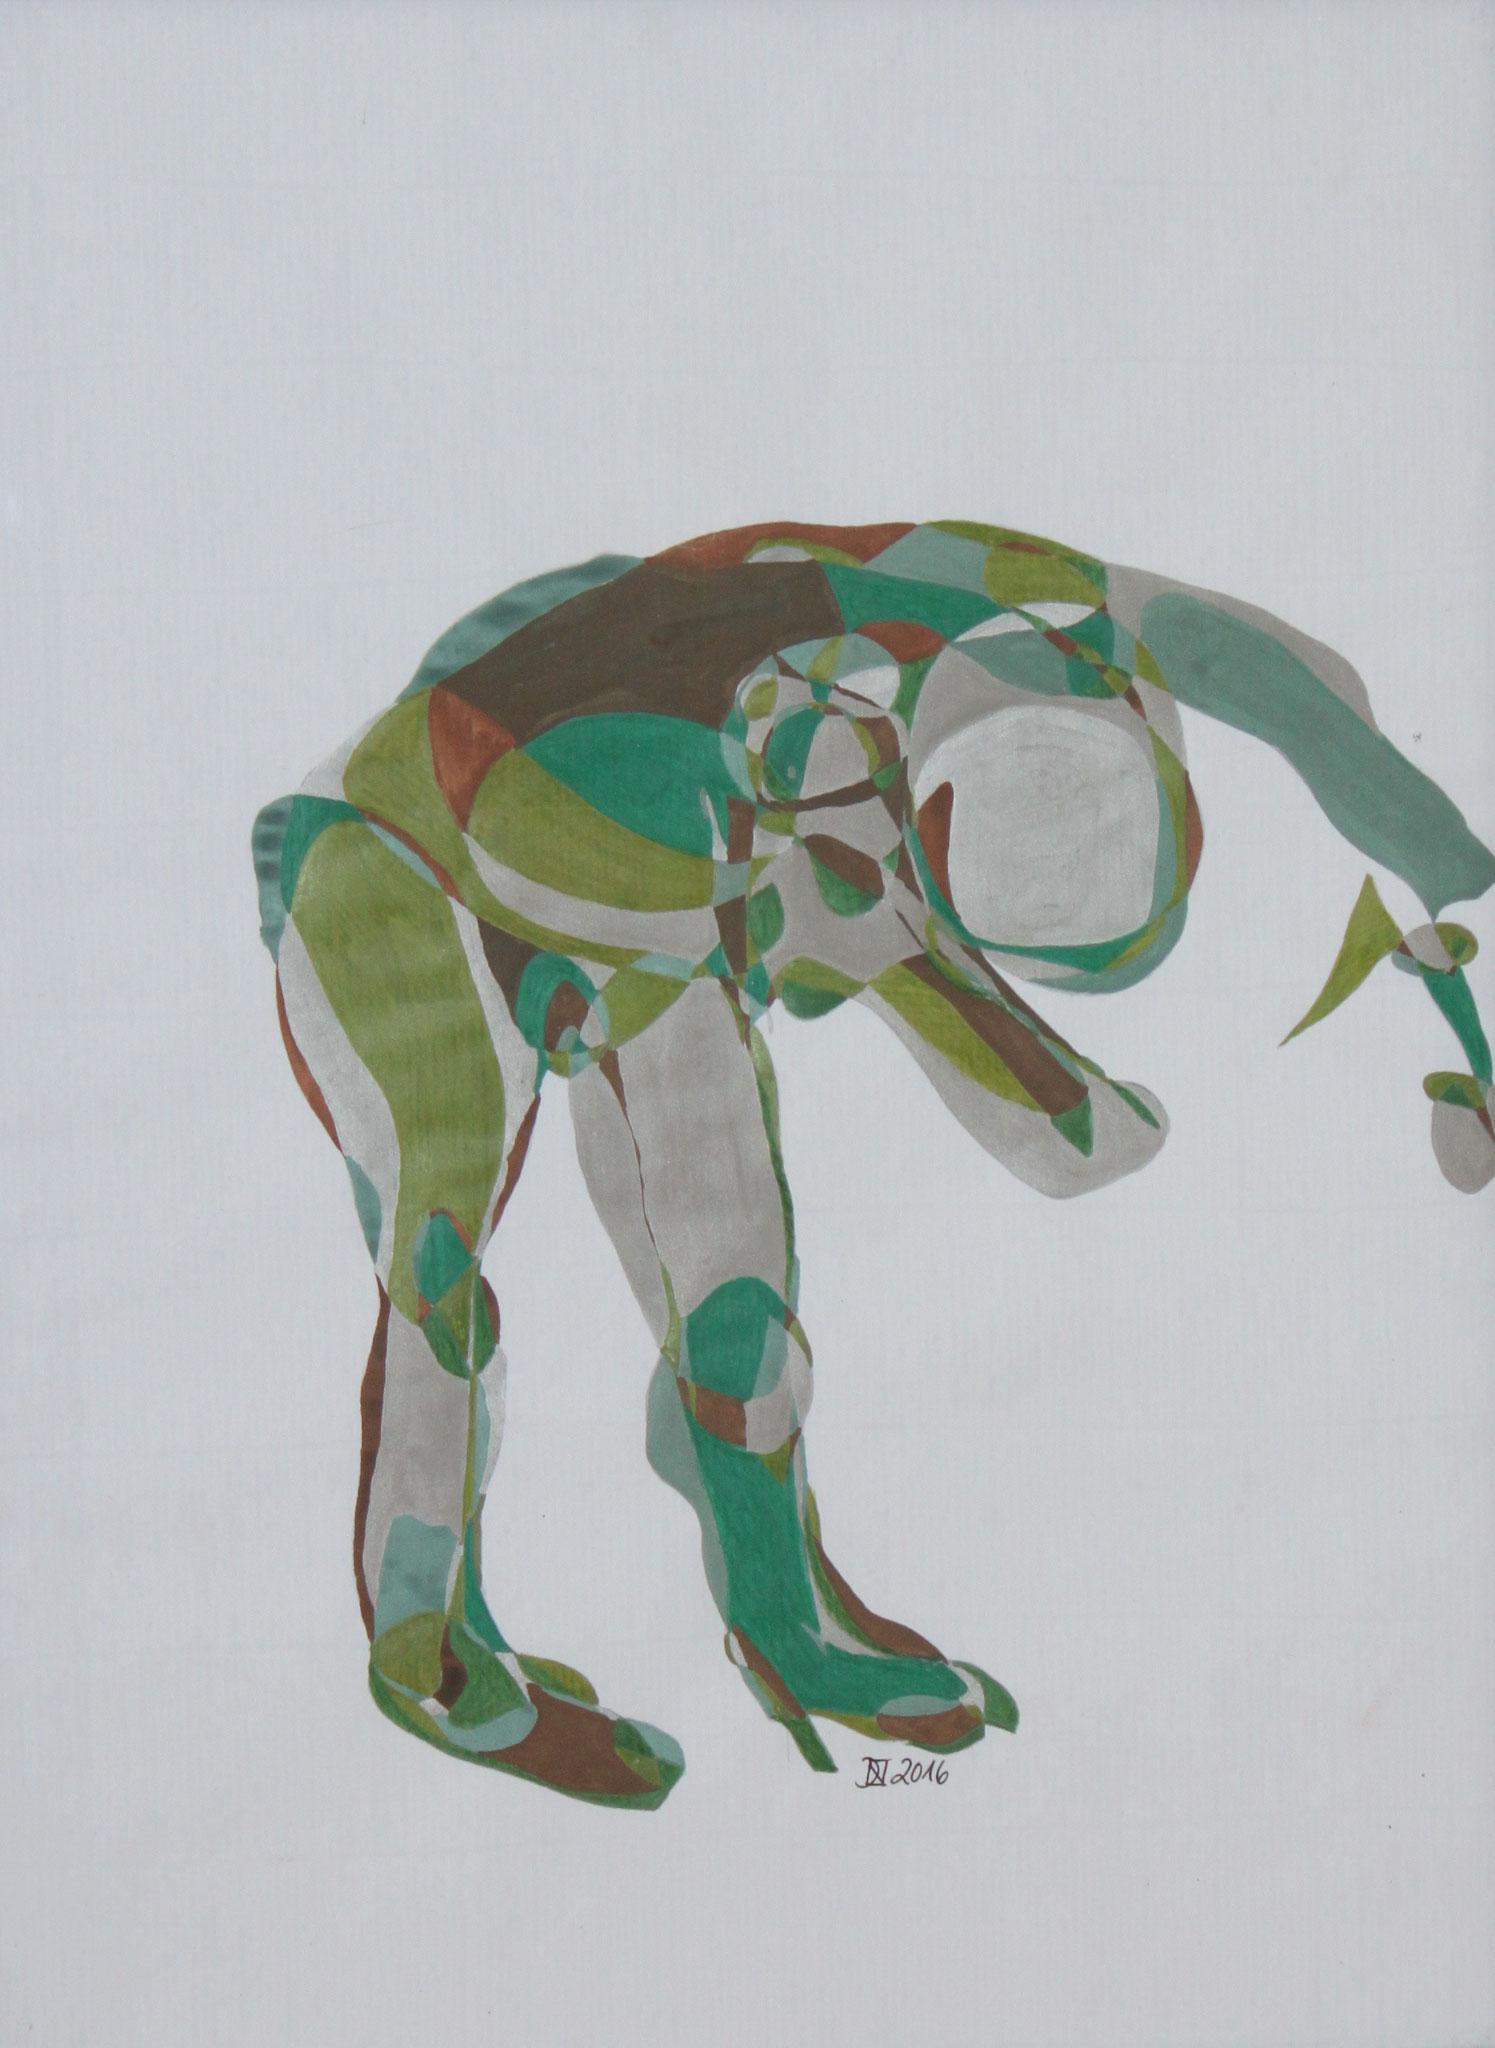 I bow to, Aquarell und Buntstift auf Papier, 2017, 42 cm x 29 cm